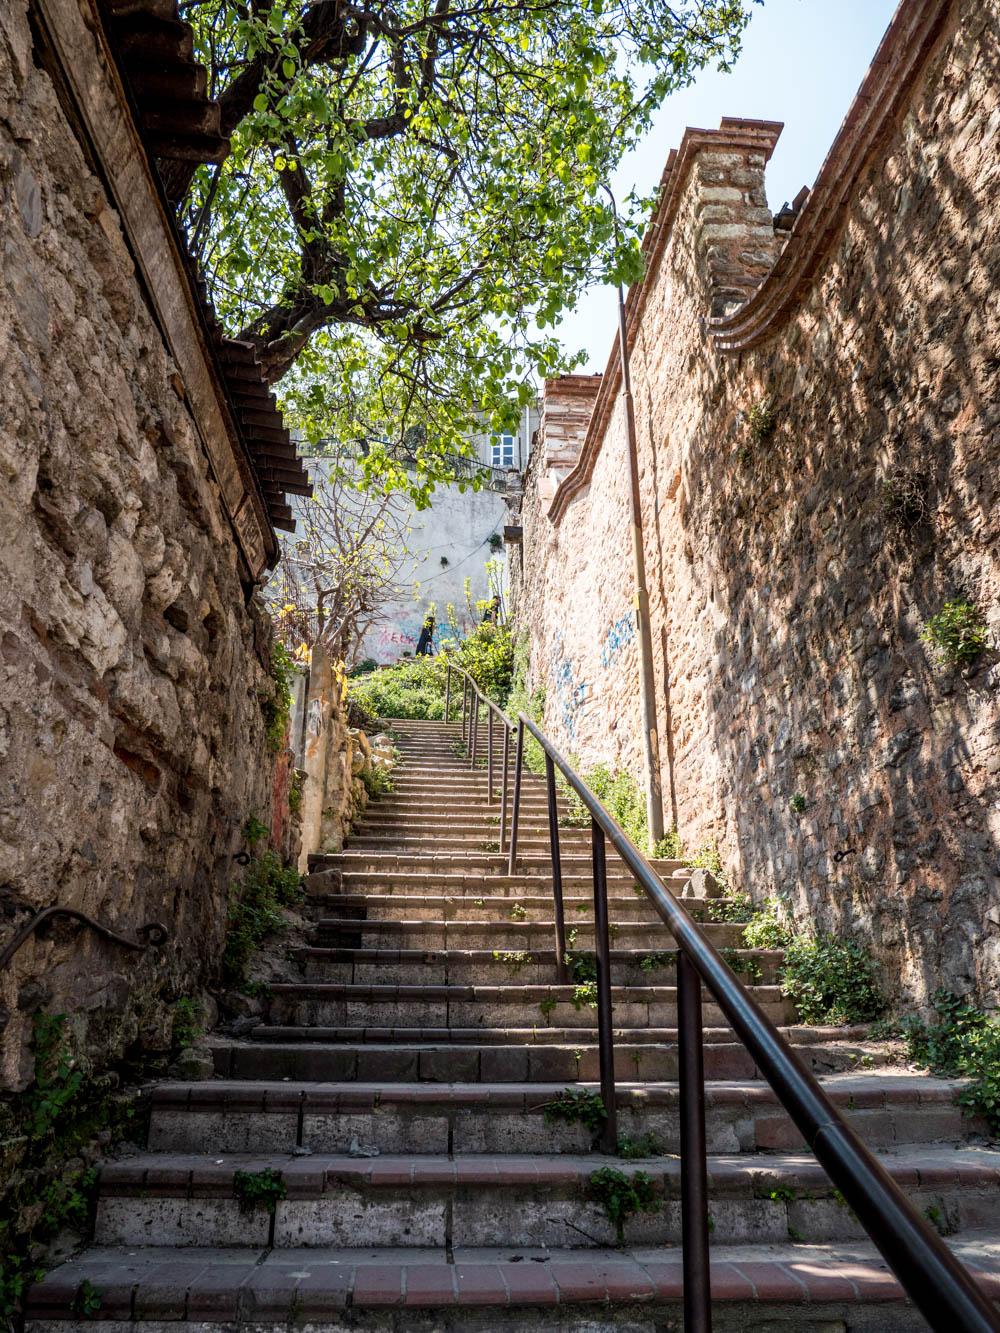 Trappeoppgang ved den greske skolen i Balat / Fener, Istanbul